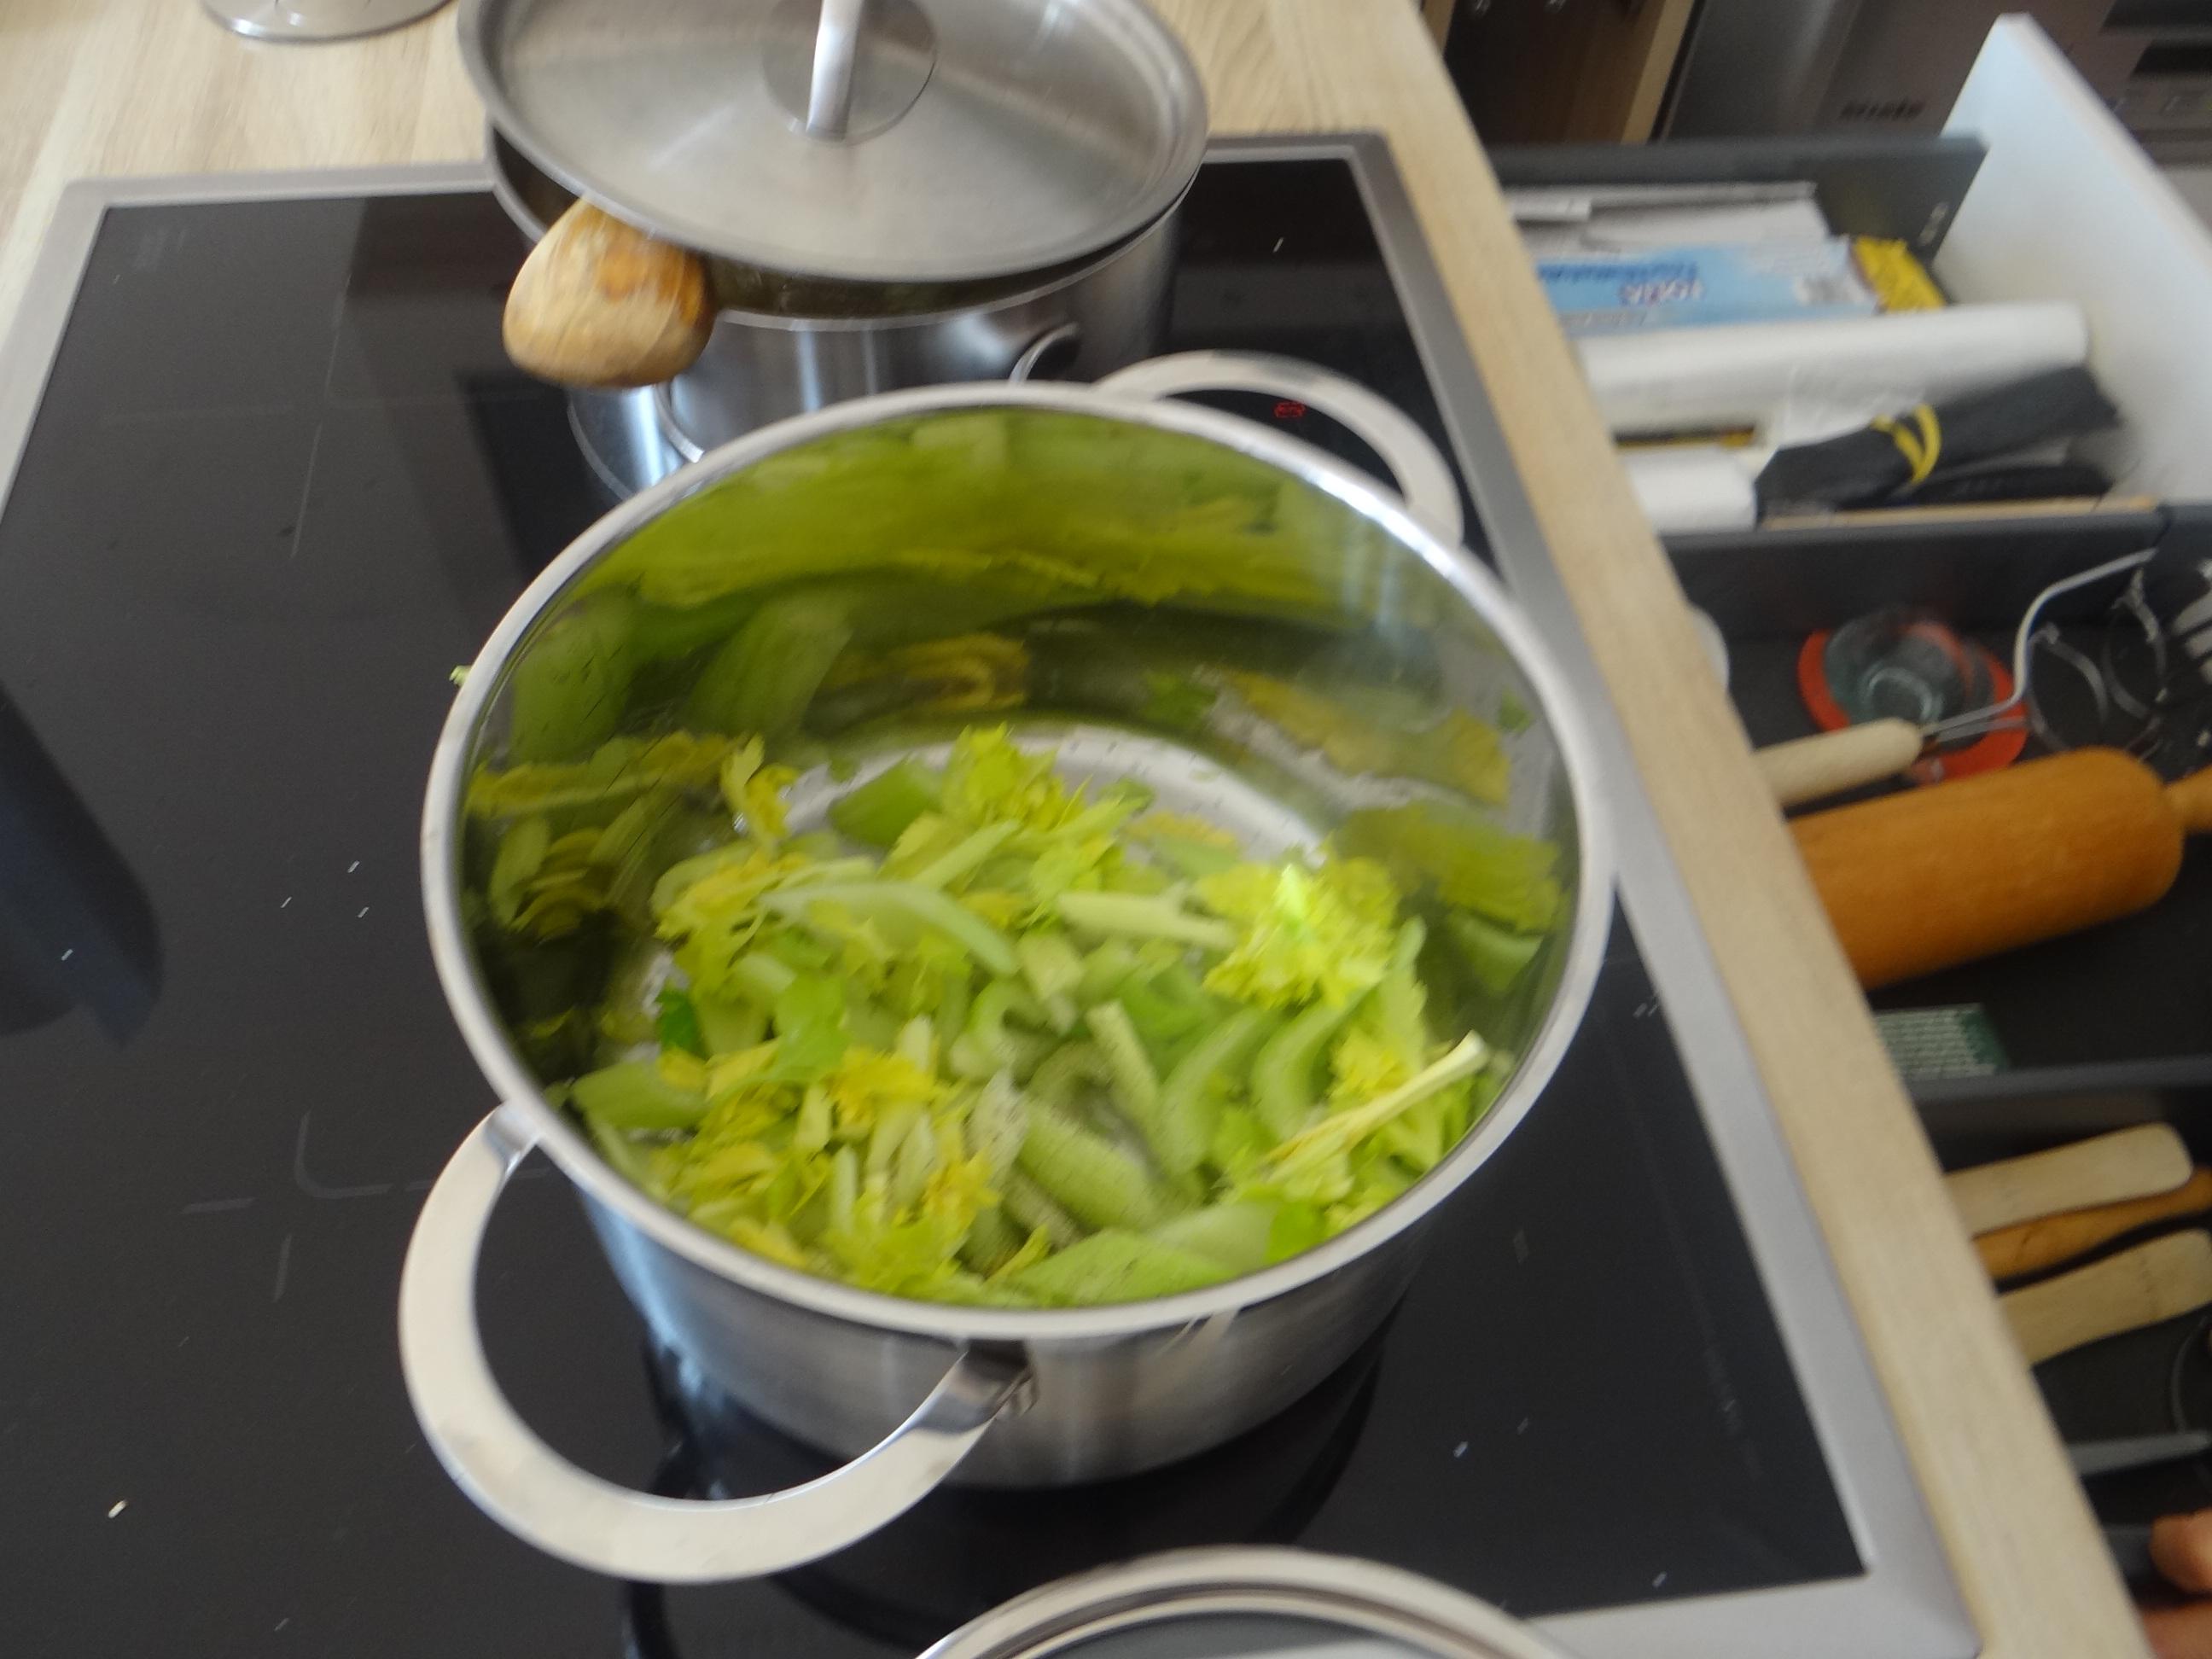 Pastinaken-Kartoffelstampf,Bleichsellerie Gemüse,Salat,Spiegelei (8)